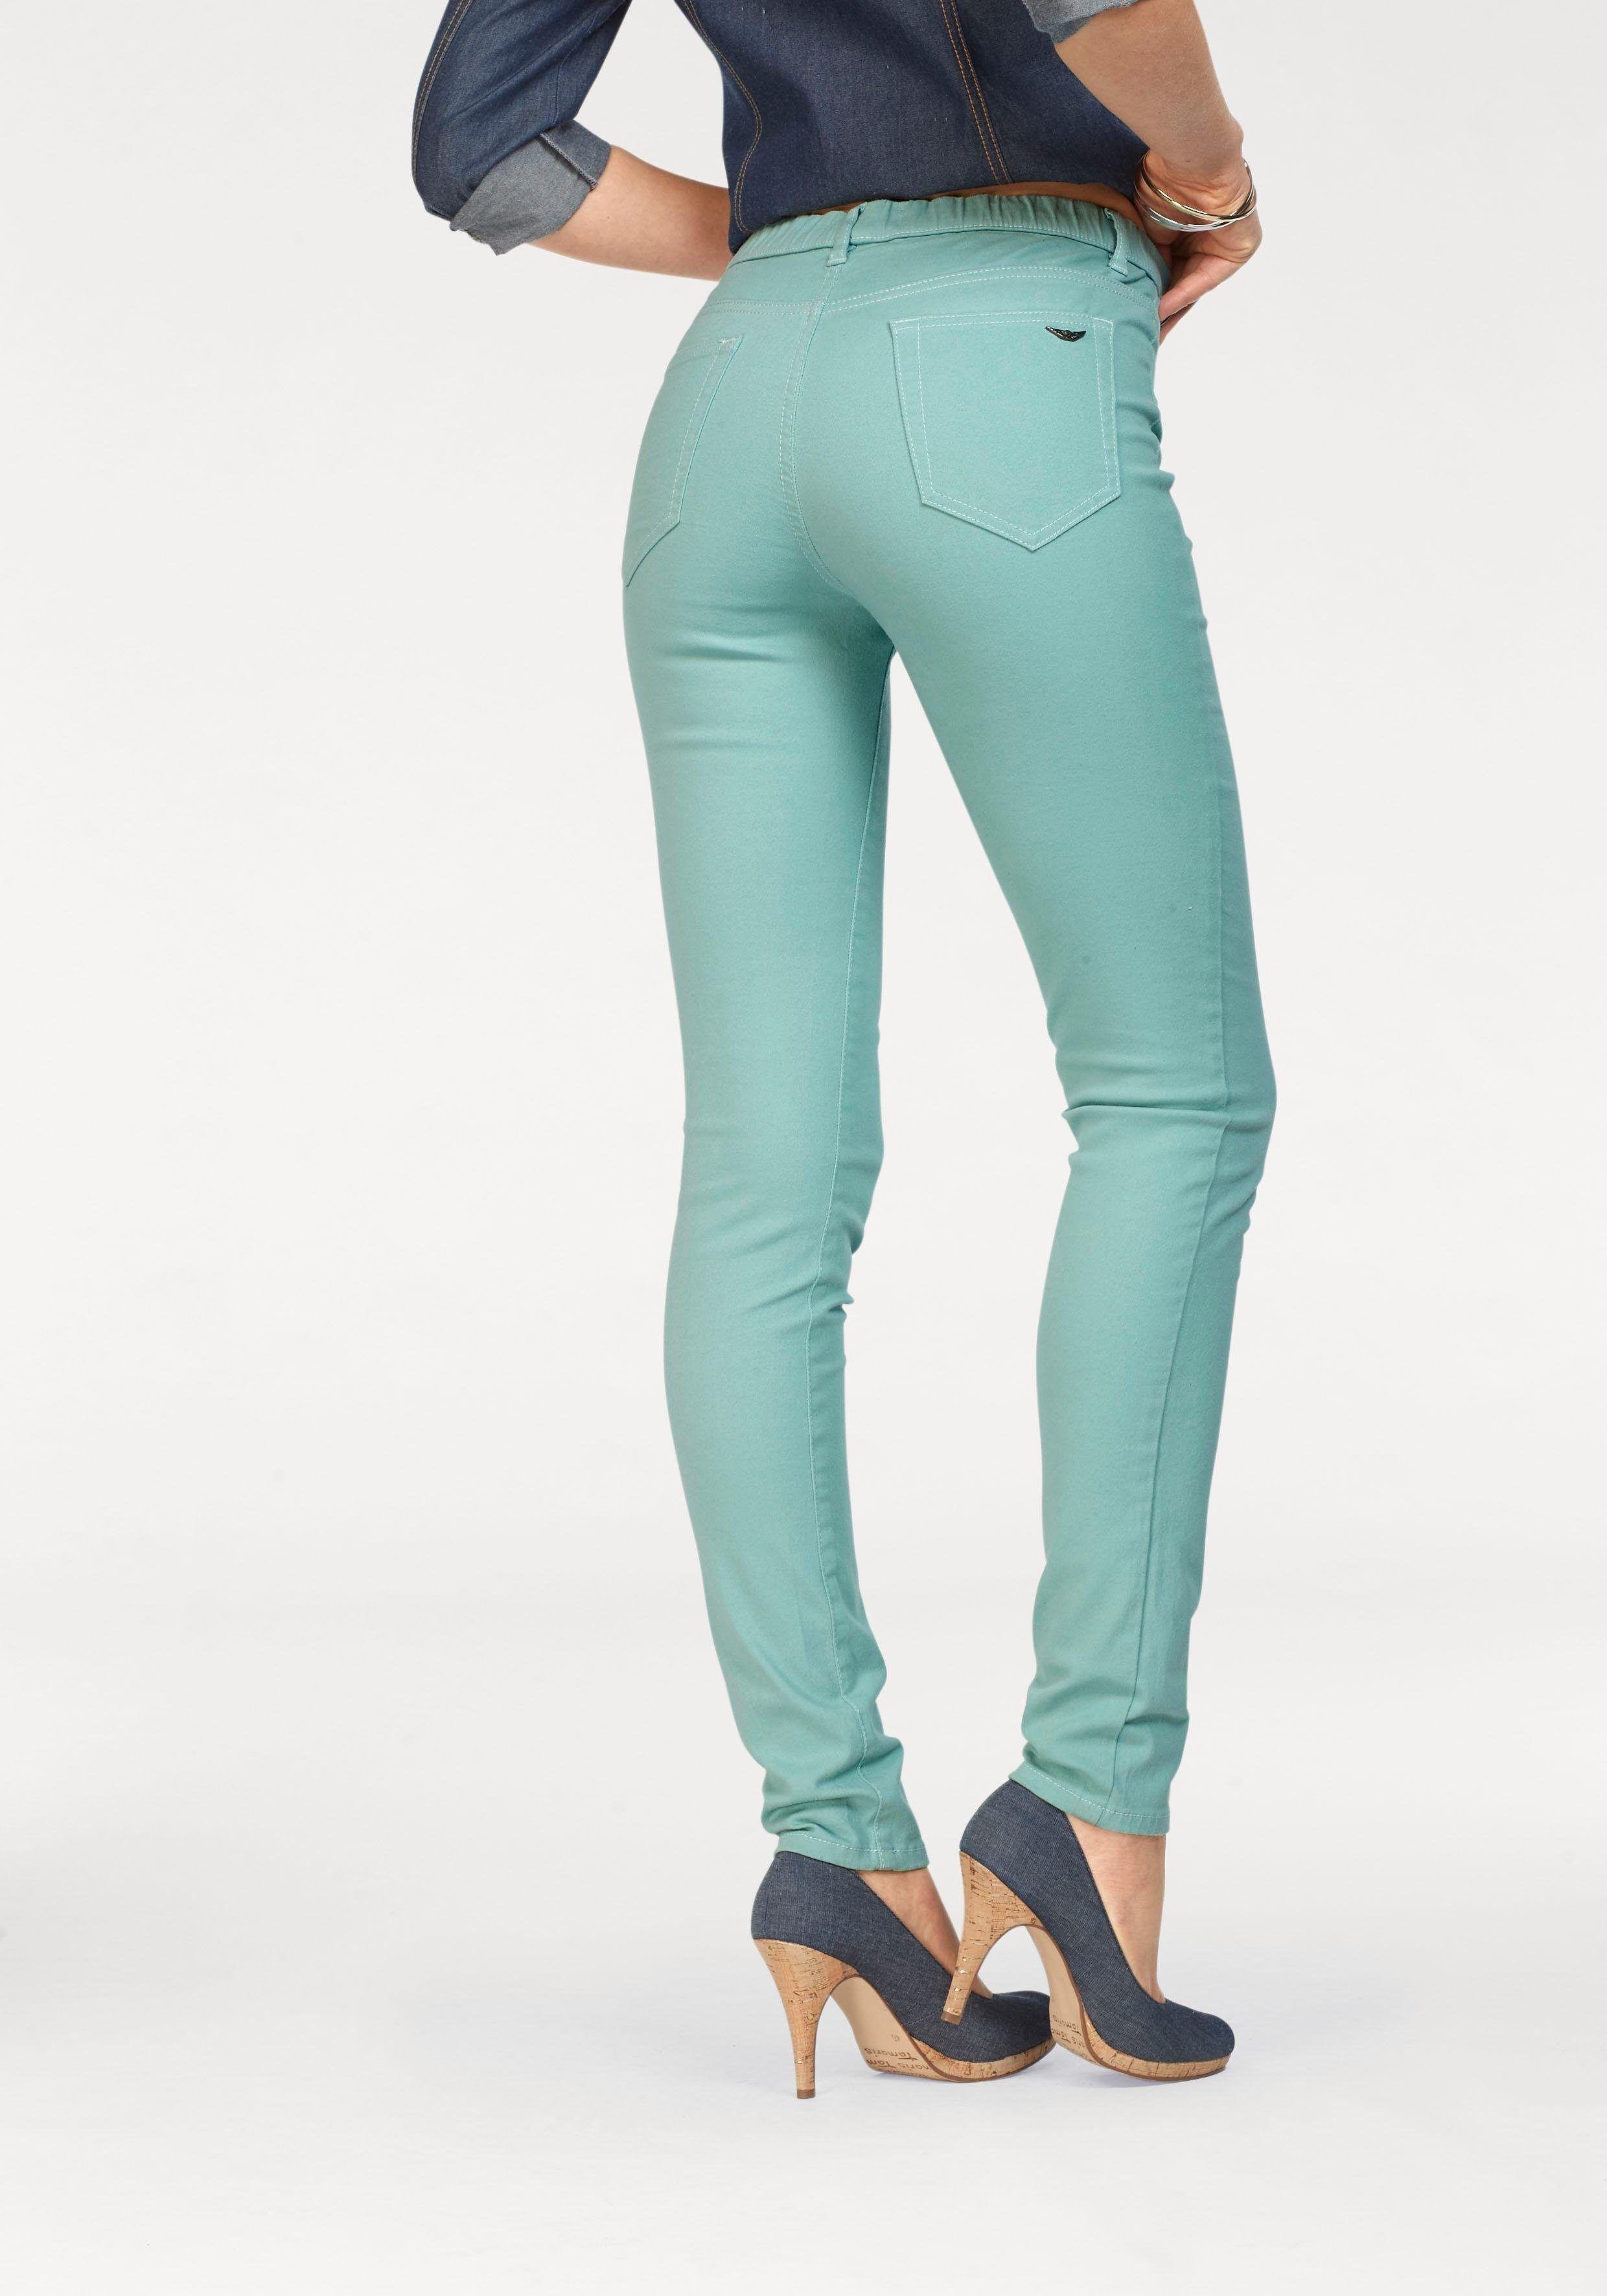 Grüne Jeans für Herren online kaufen | Die perfekte Denim